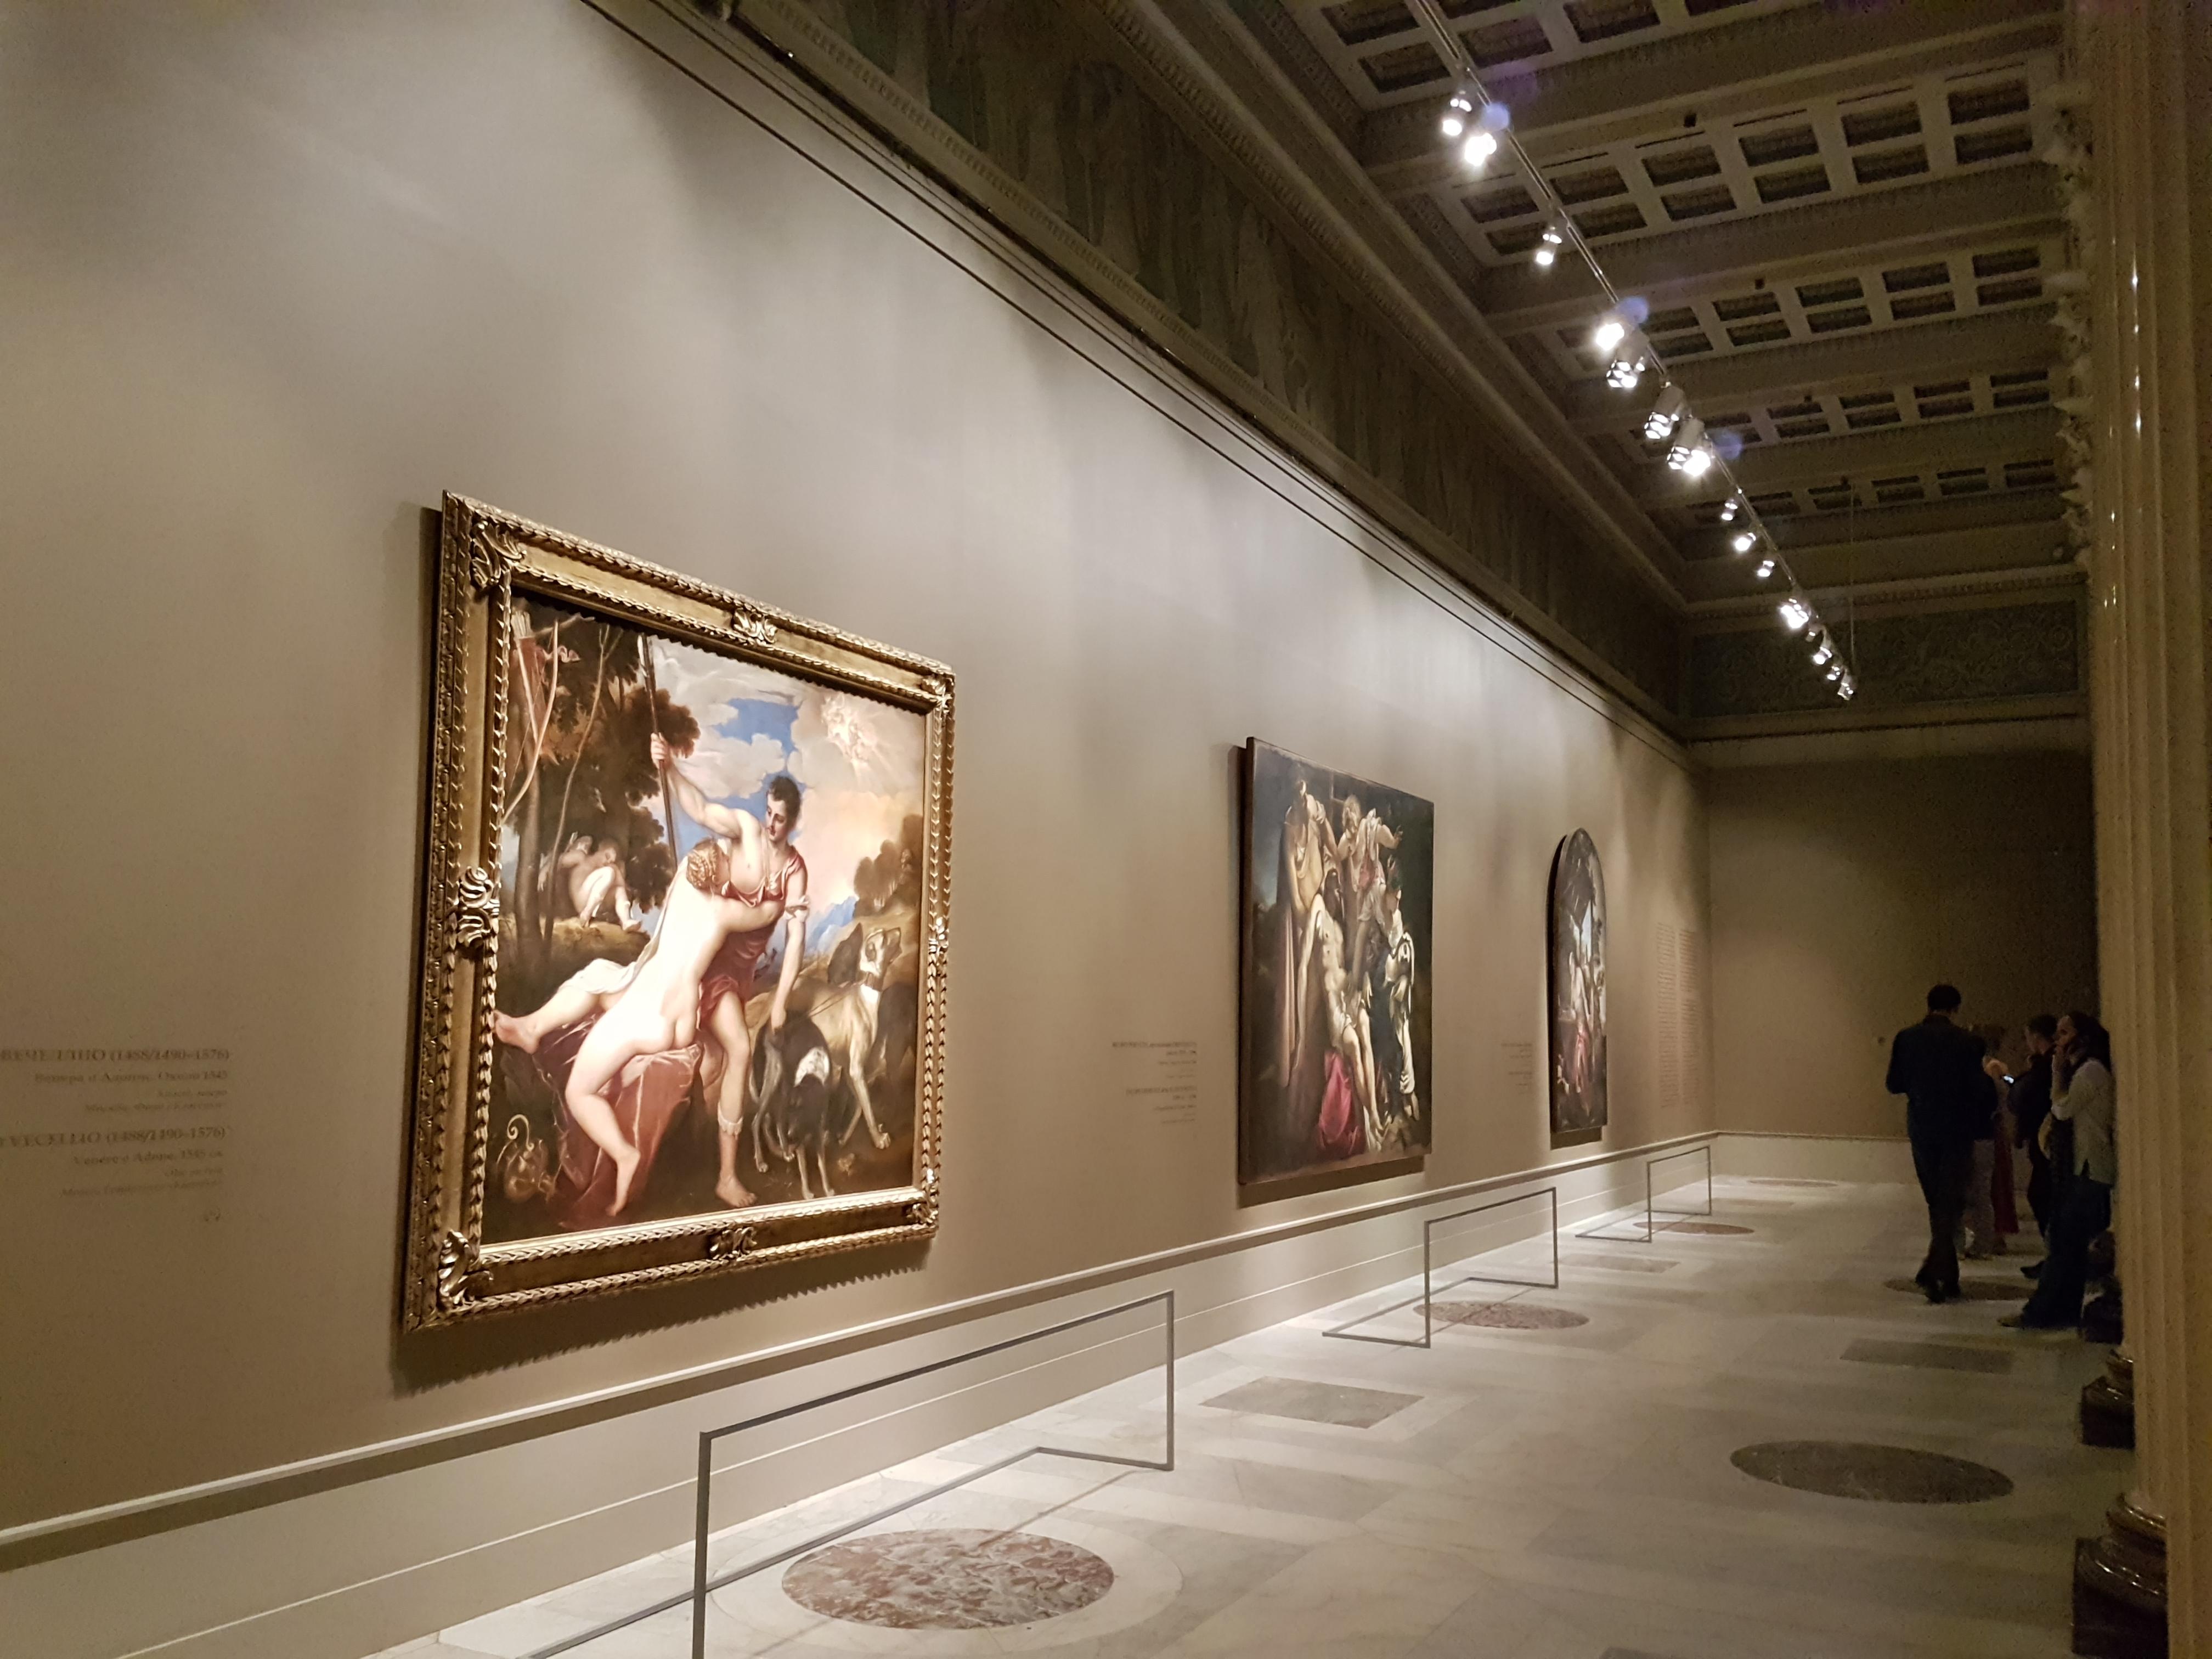 """На выставке """"Венеция Ренессанса. Тициан. Тинторетто. Веронезе"""" в Пушкинском музее Москвы. На первом плане полотно """"Венера и Адонис"""" Тициана"""